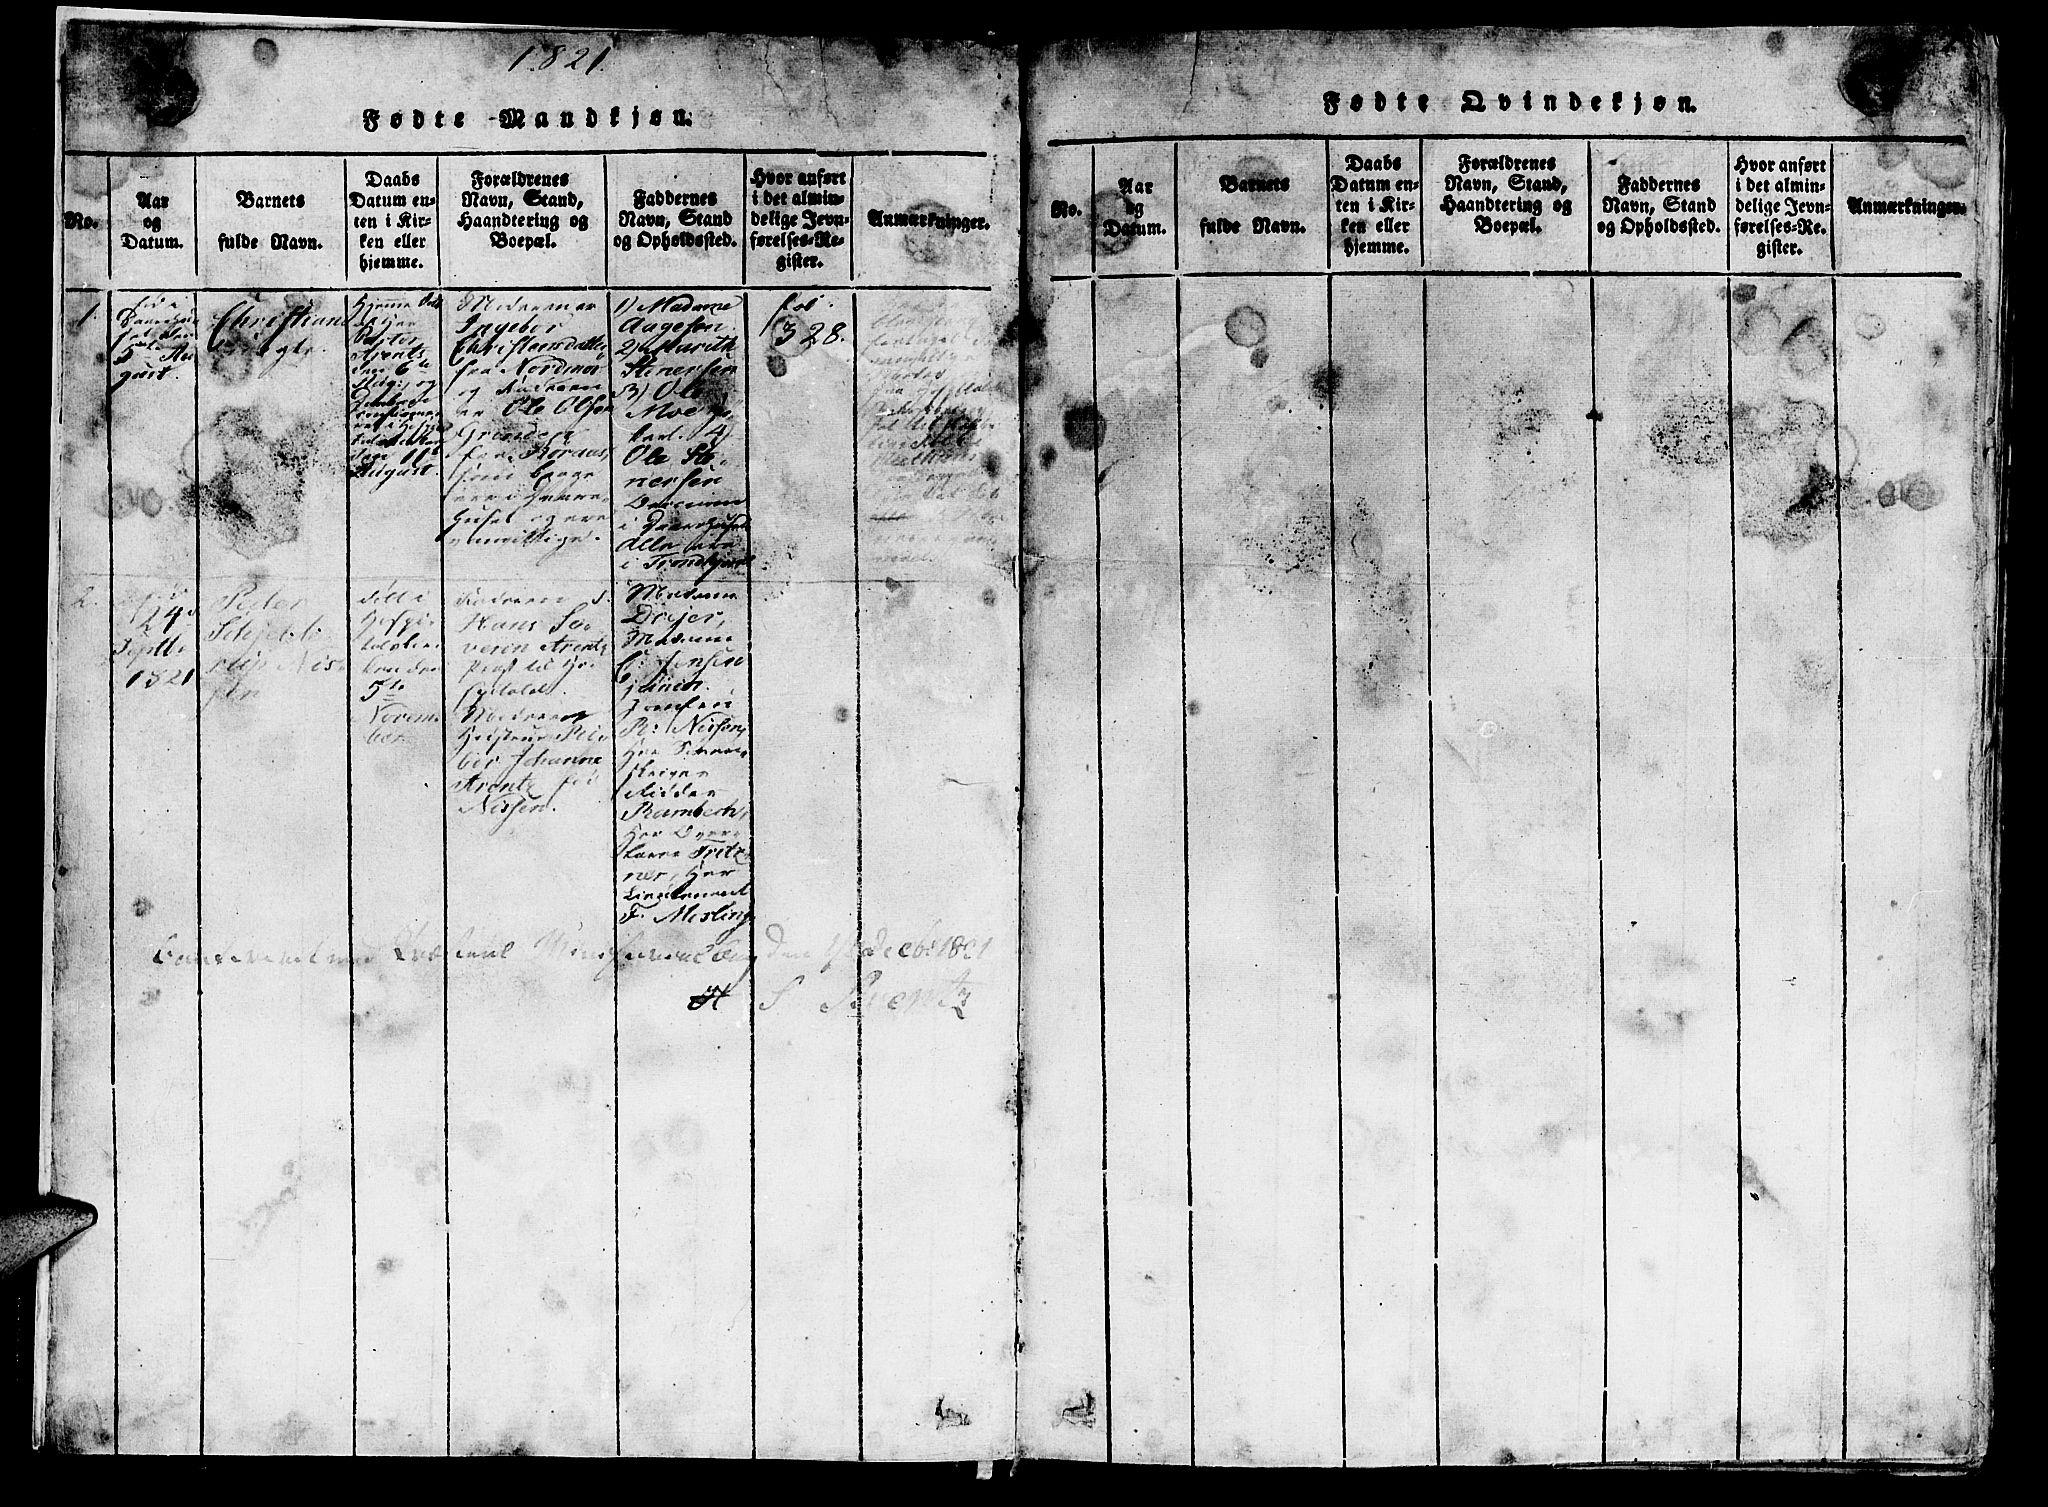 SAT, Ministerialprotokoller, klokkerbøker og fødselsregistre - Sør-Trøndelag, 623/L0478: Klokkerbok nr. 623C01, 1815-1873, s. 7